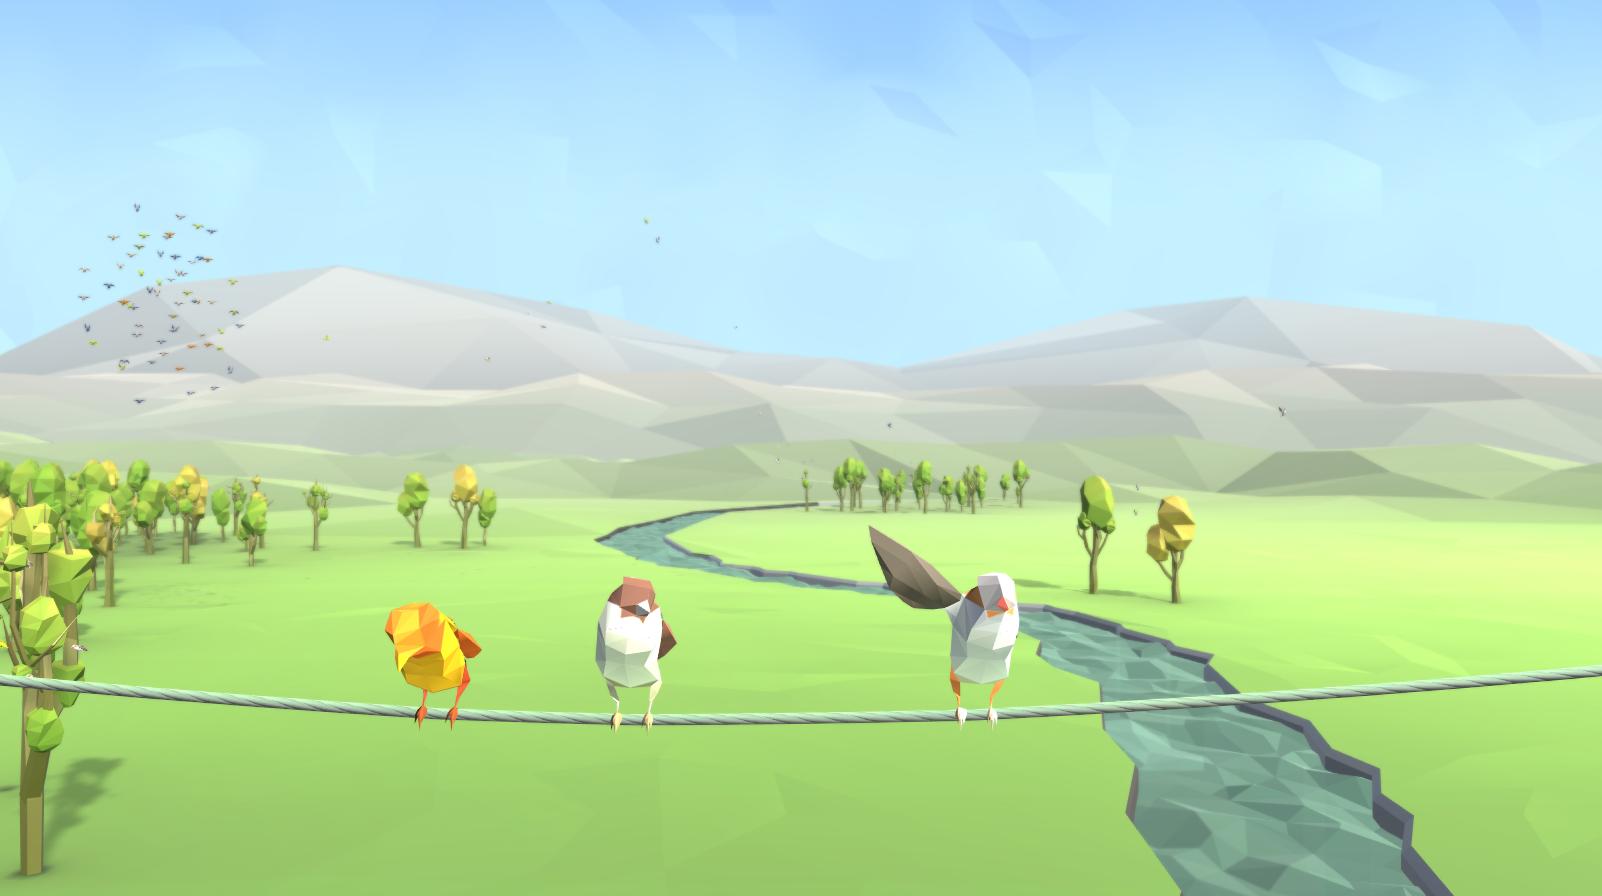 Birds - Interactive Media Installation